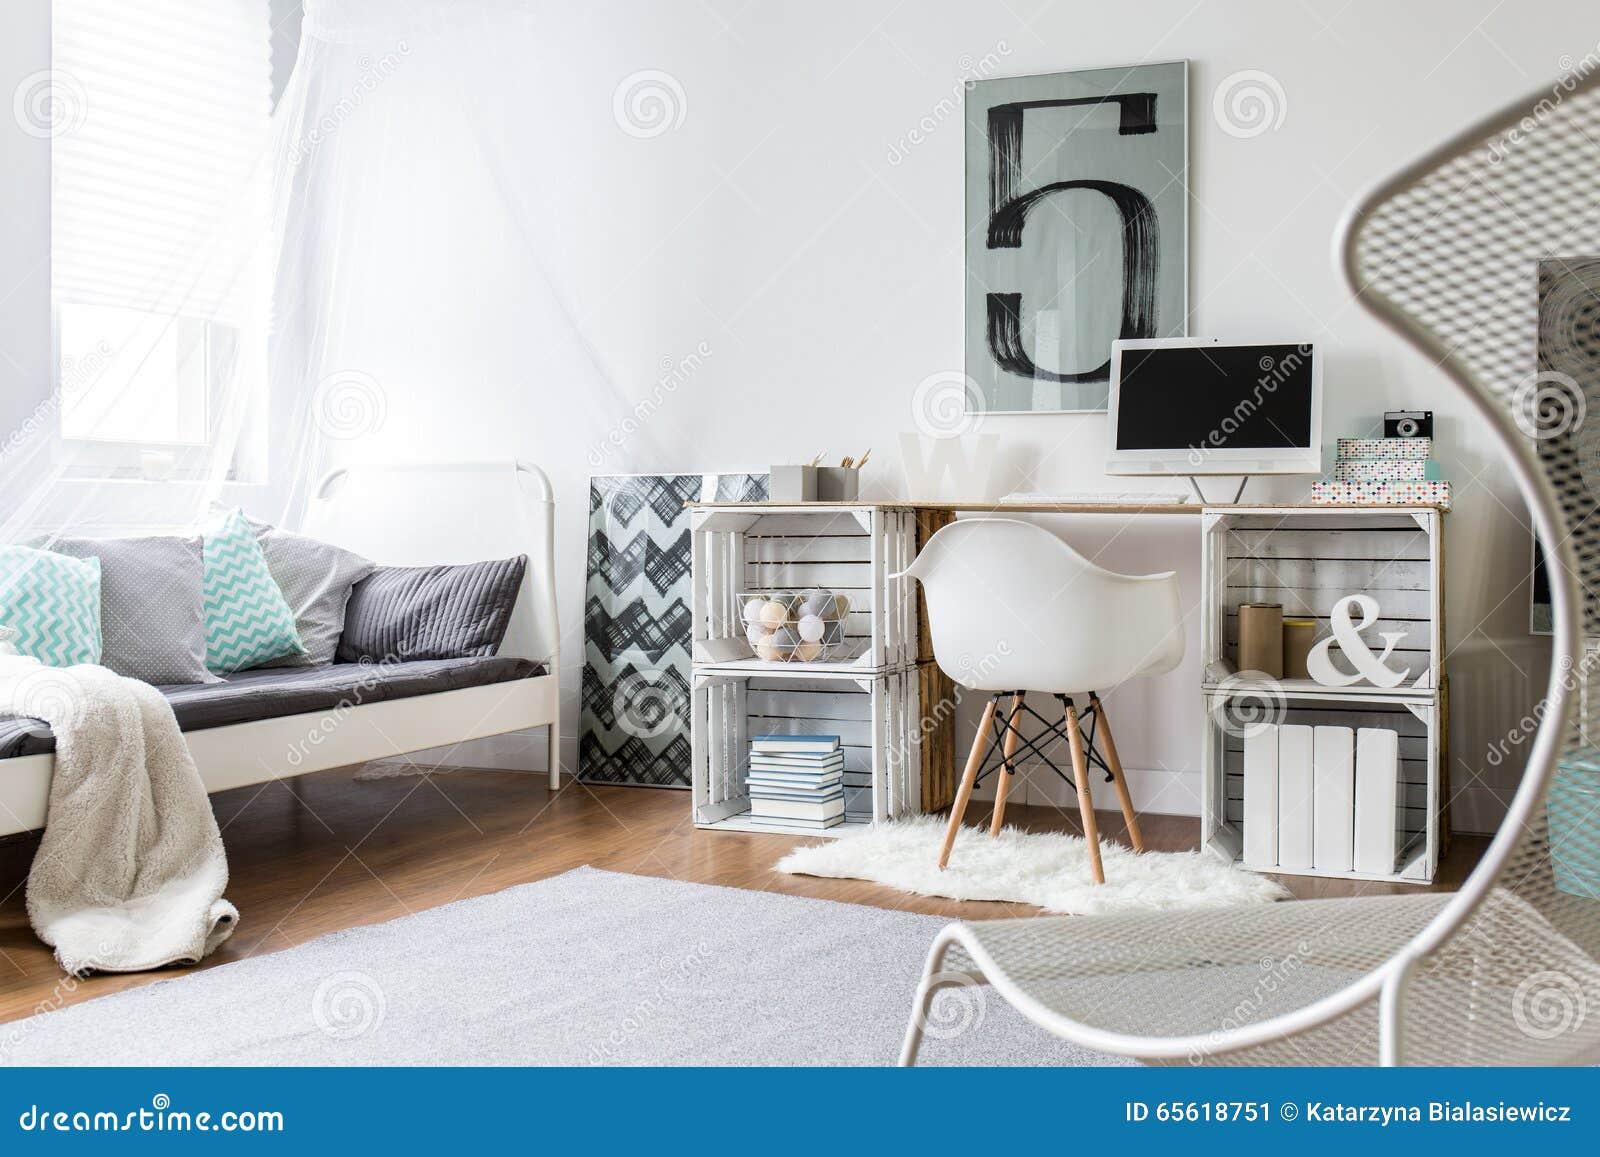 diy bureau in modieuze ruimte stock afbeelding afbeelding bestaande uit huis ontwerp 65618751. Black Bedroom Furniture Sets. Home Design Ideas